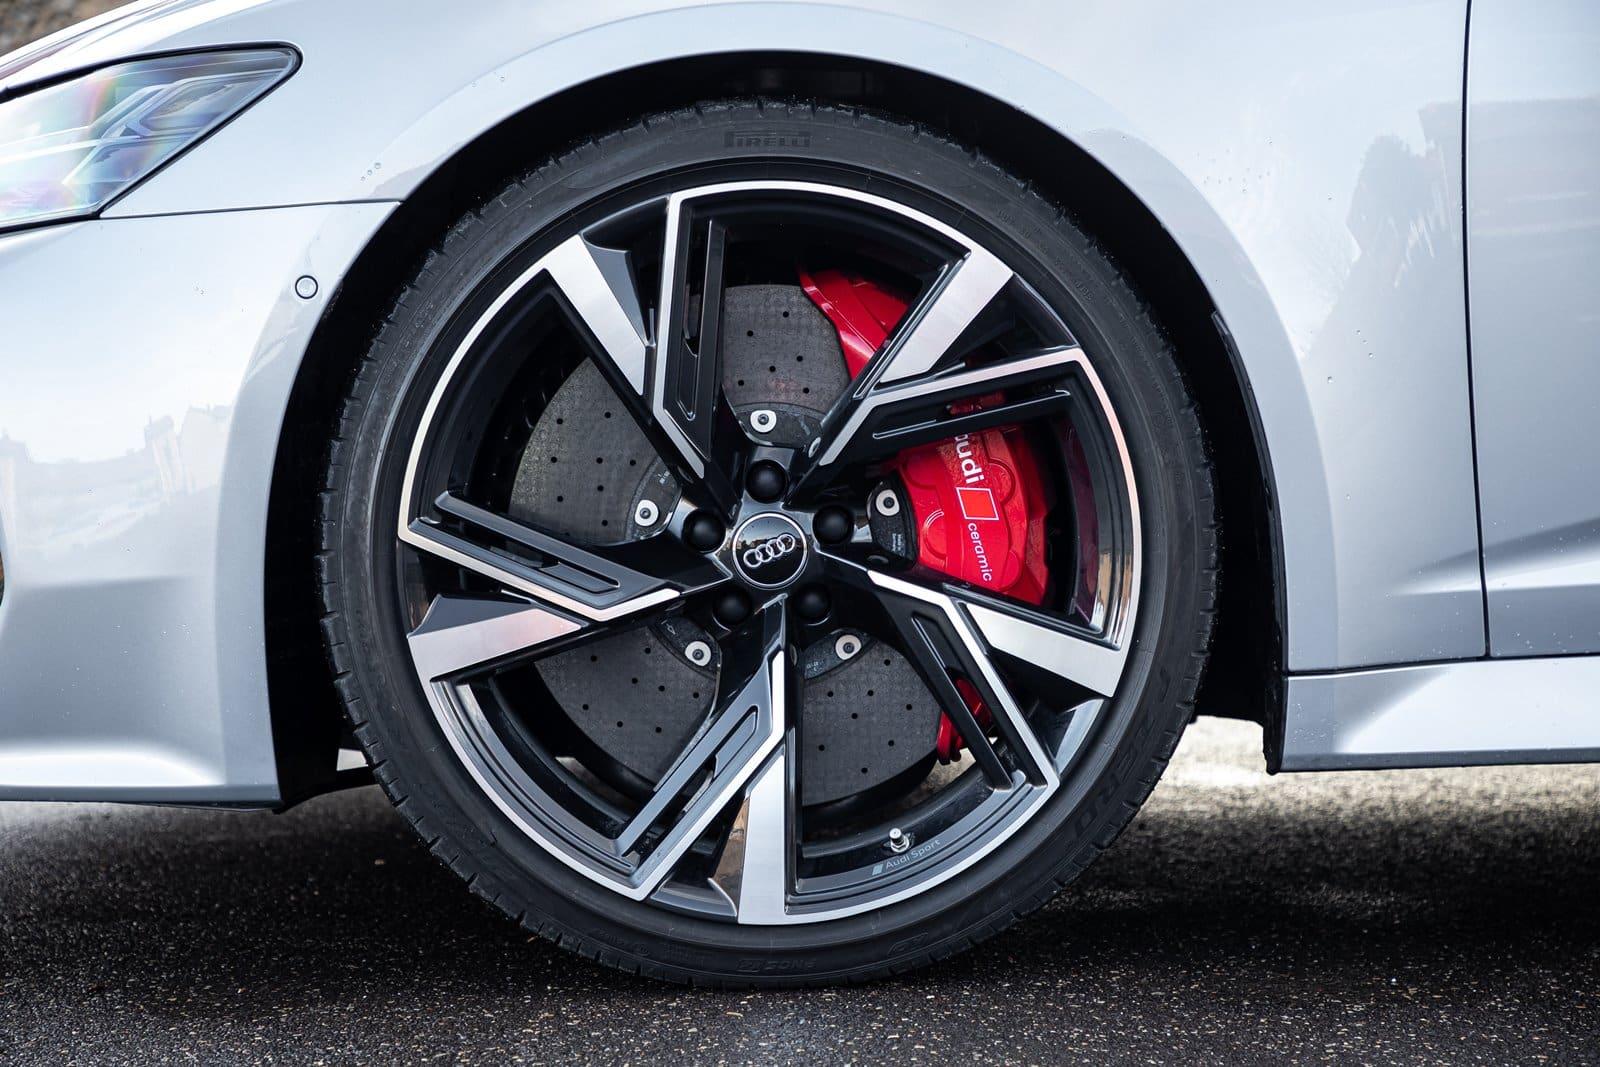 La llanta es el elemento visual entre las partes de una rueda de coche